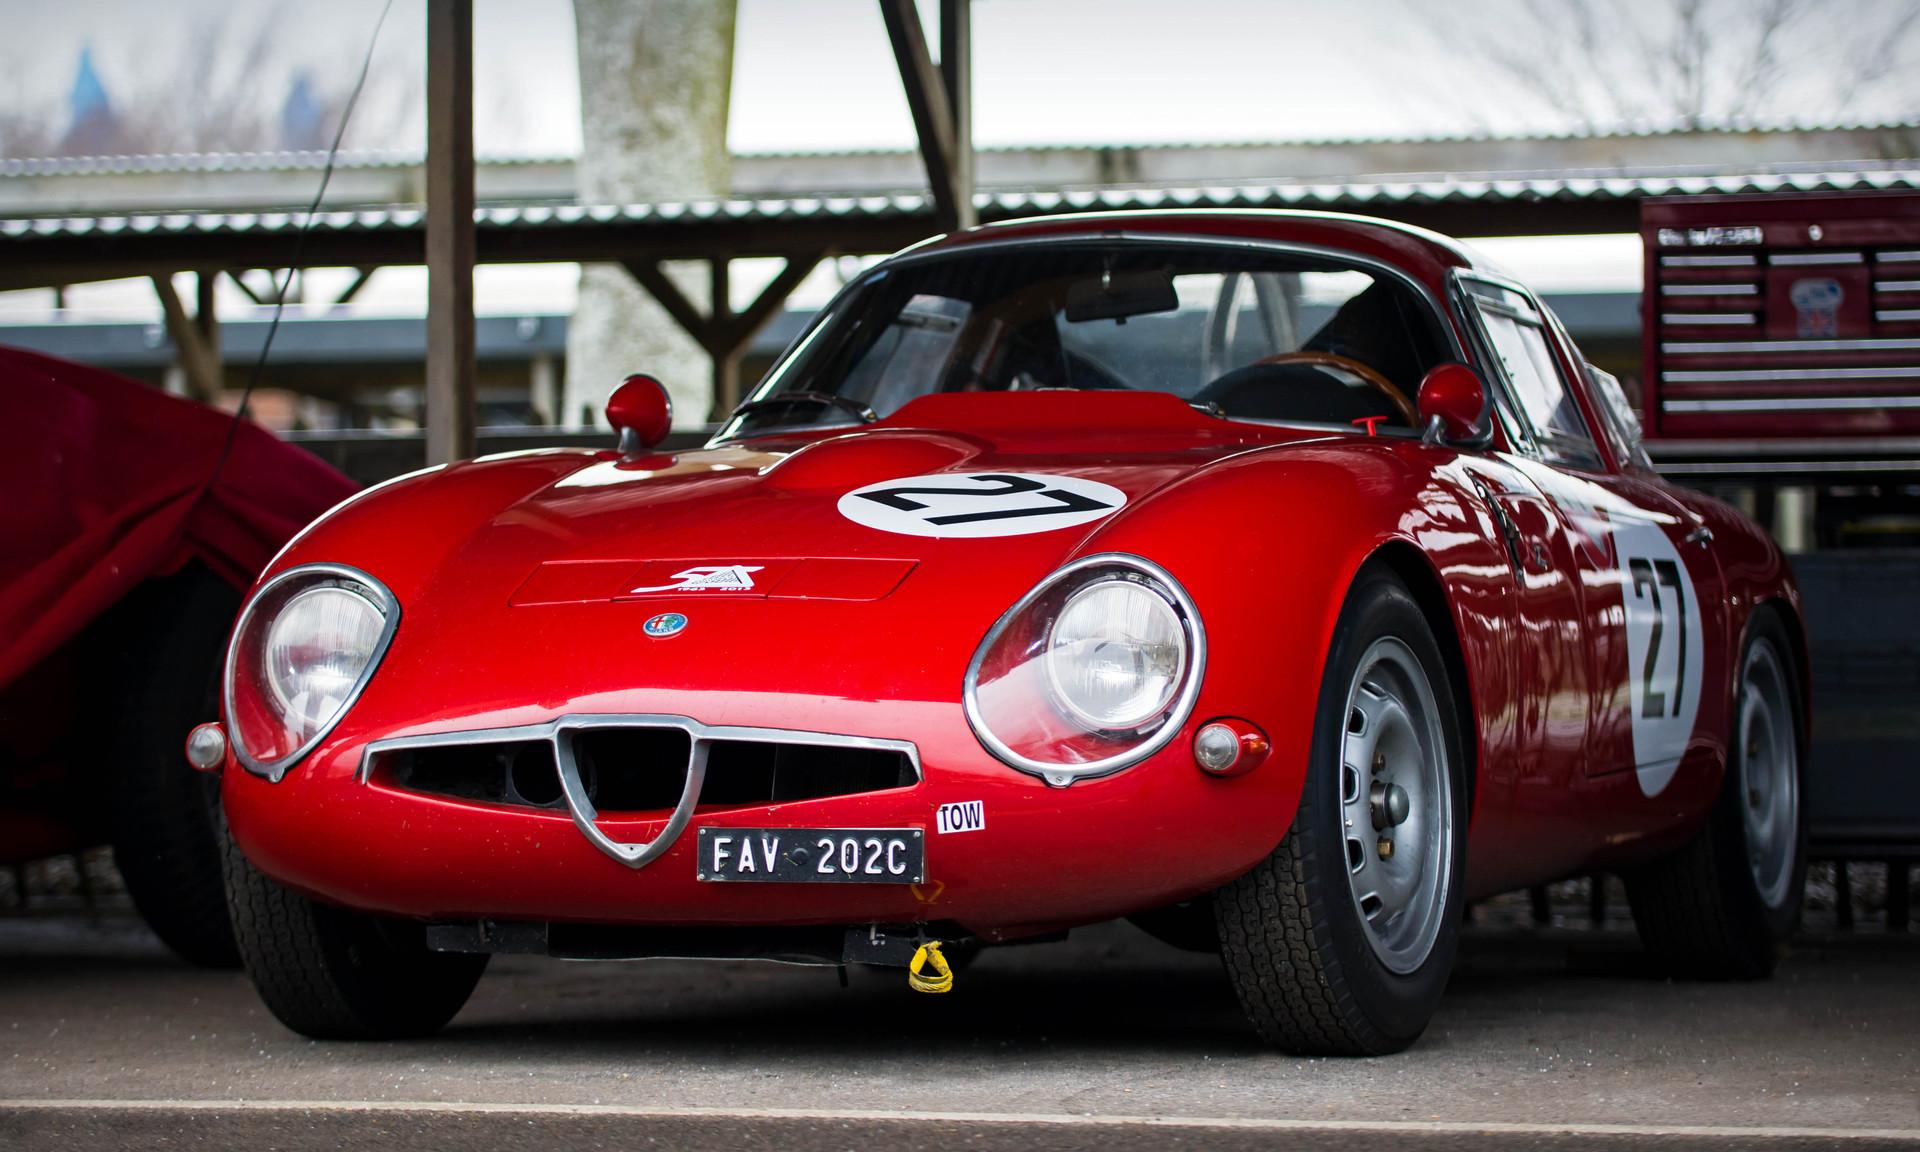 Scuderia del Portello's 1965 Alfa Romeo Giulia TZ1 at the Goodwood 76MM